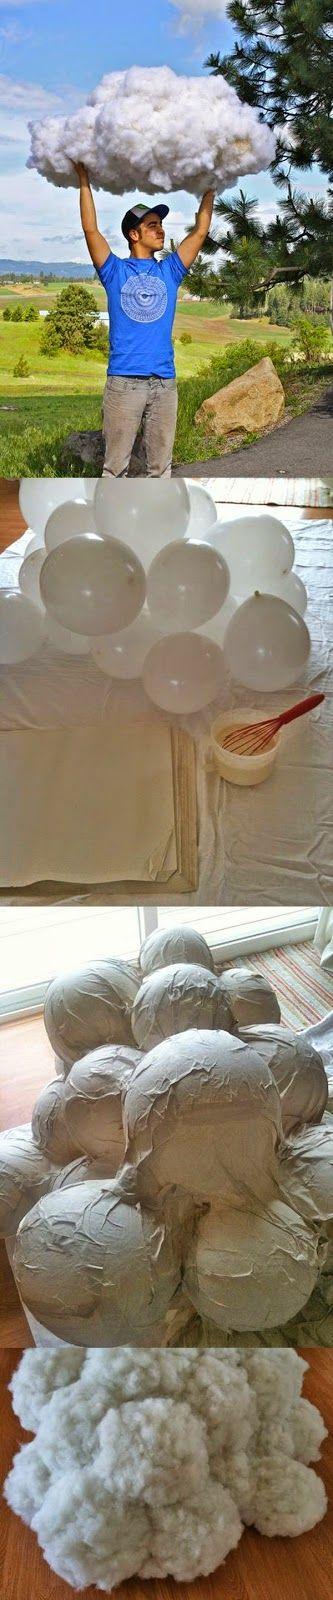 http://minikportakal.blogspot.com.tr  MiNiK PoRTaKaL: Balonlardan Gerçekmiş Gibi Bulut Yapımı